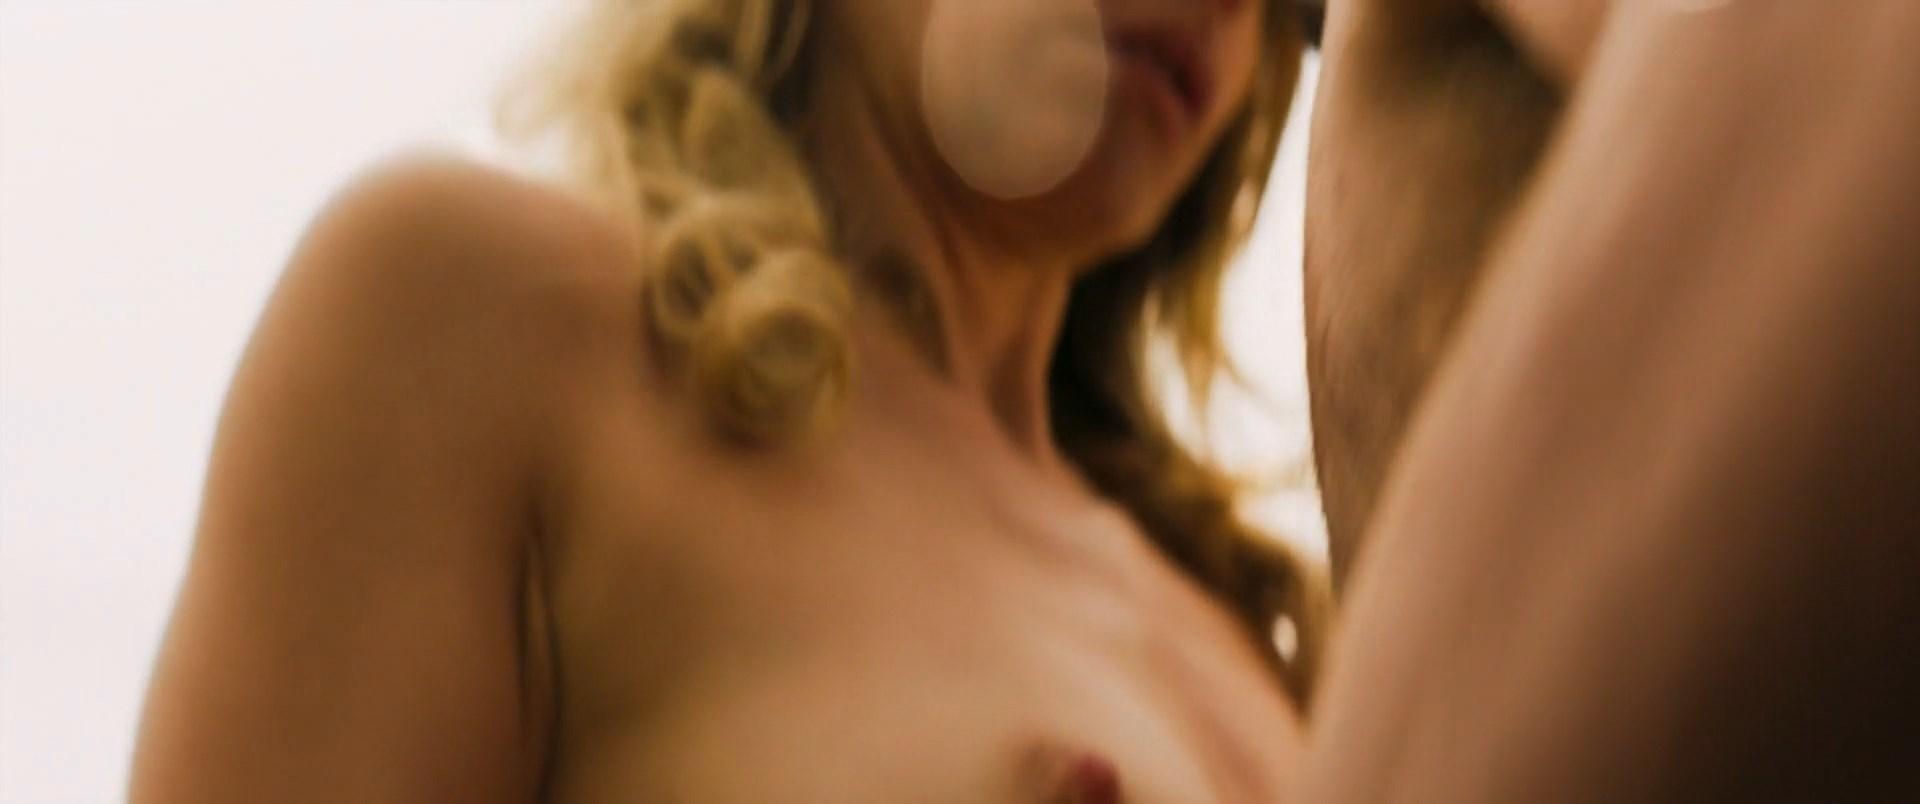 sexy frauen nude foto